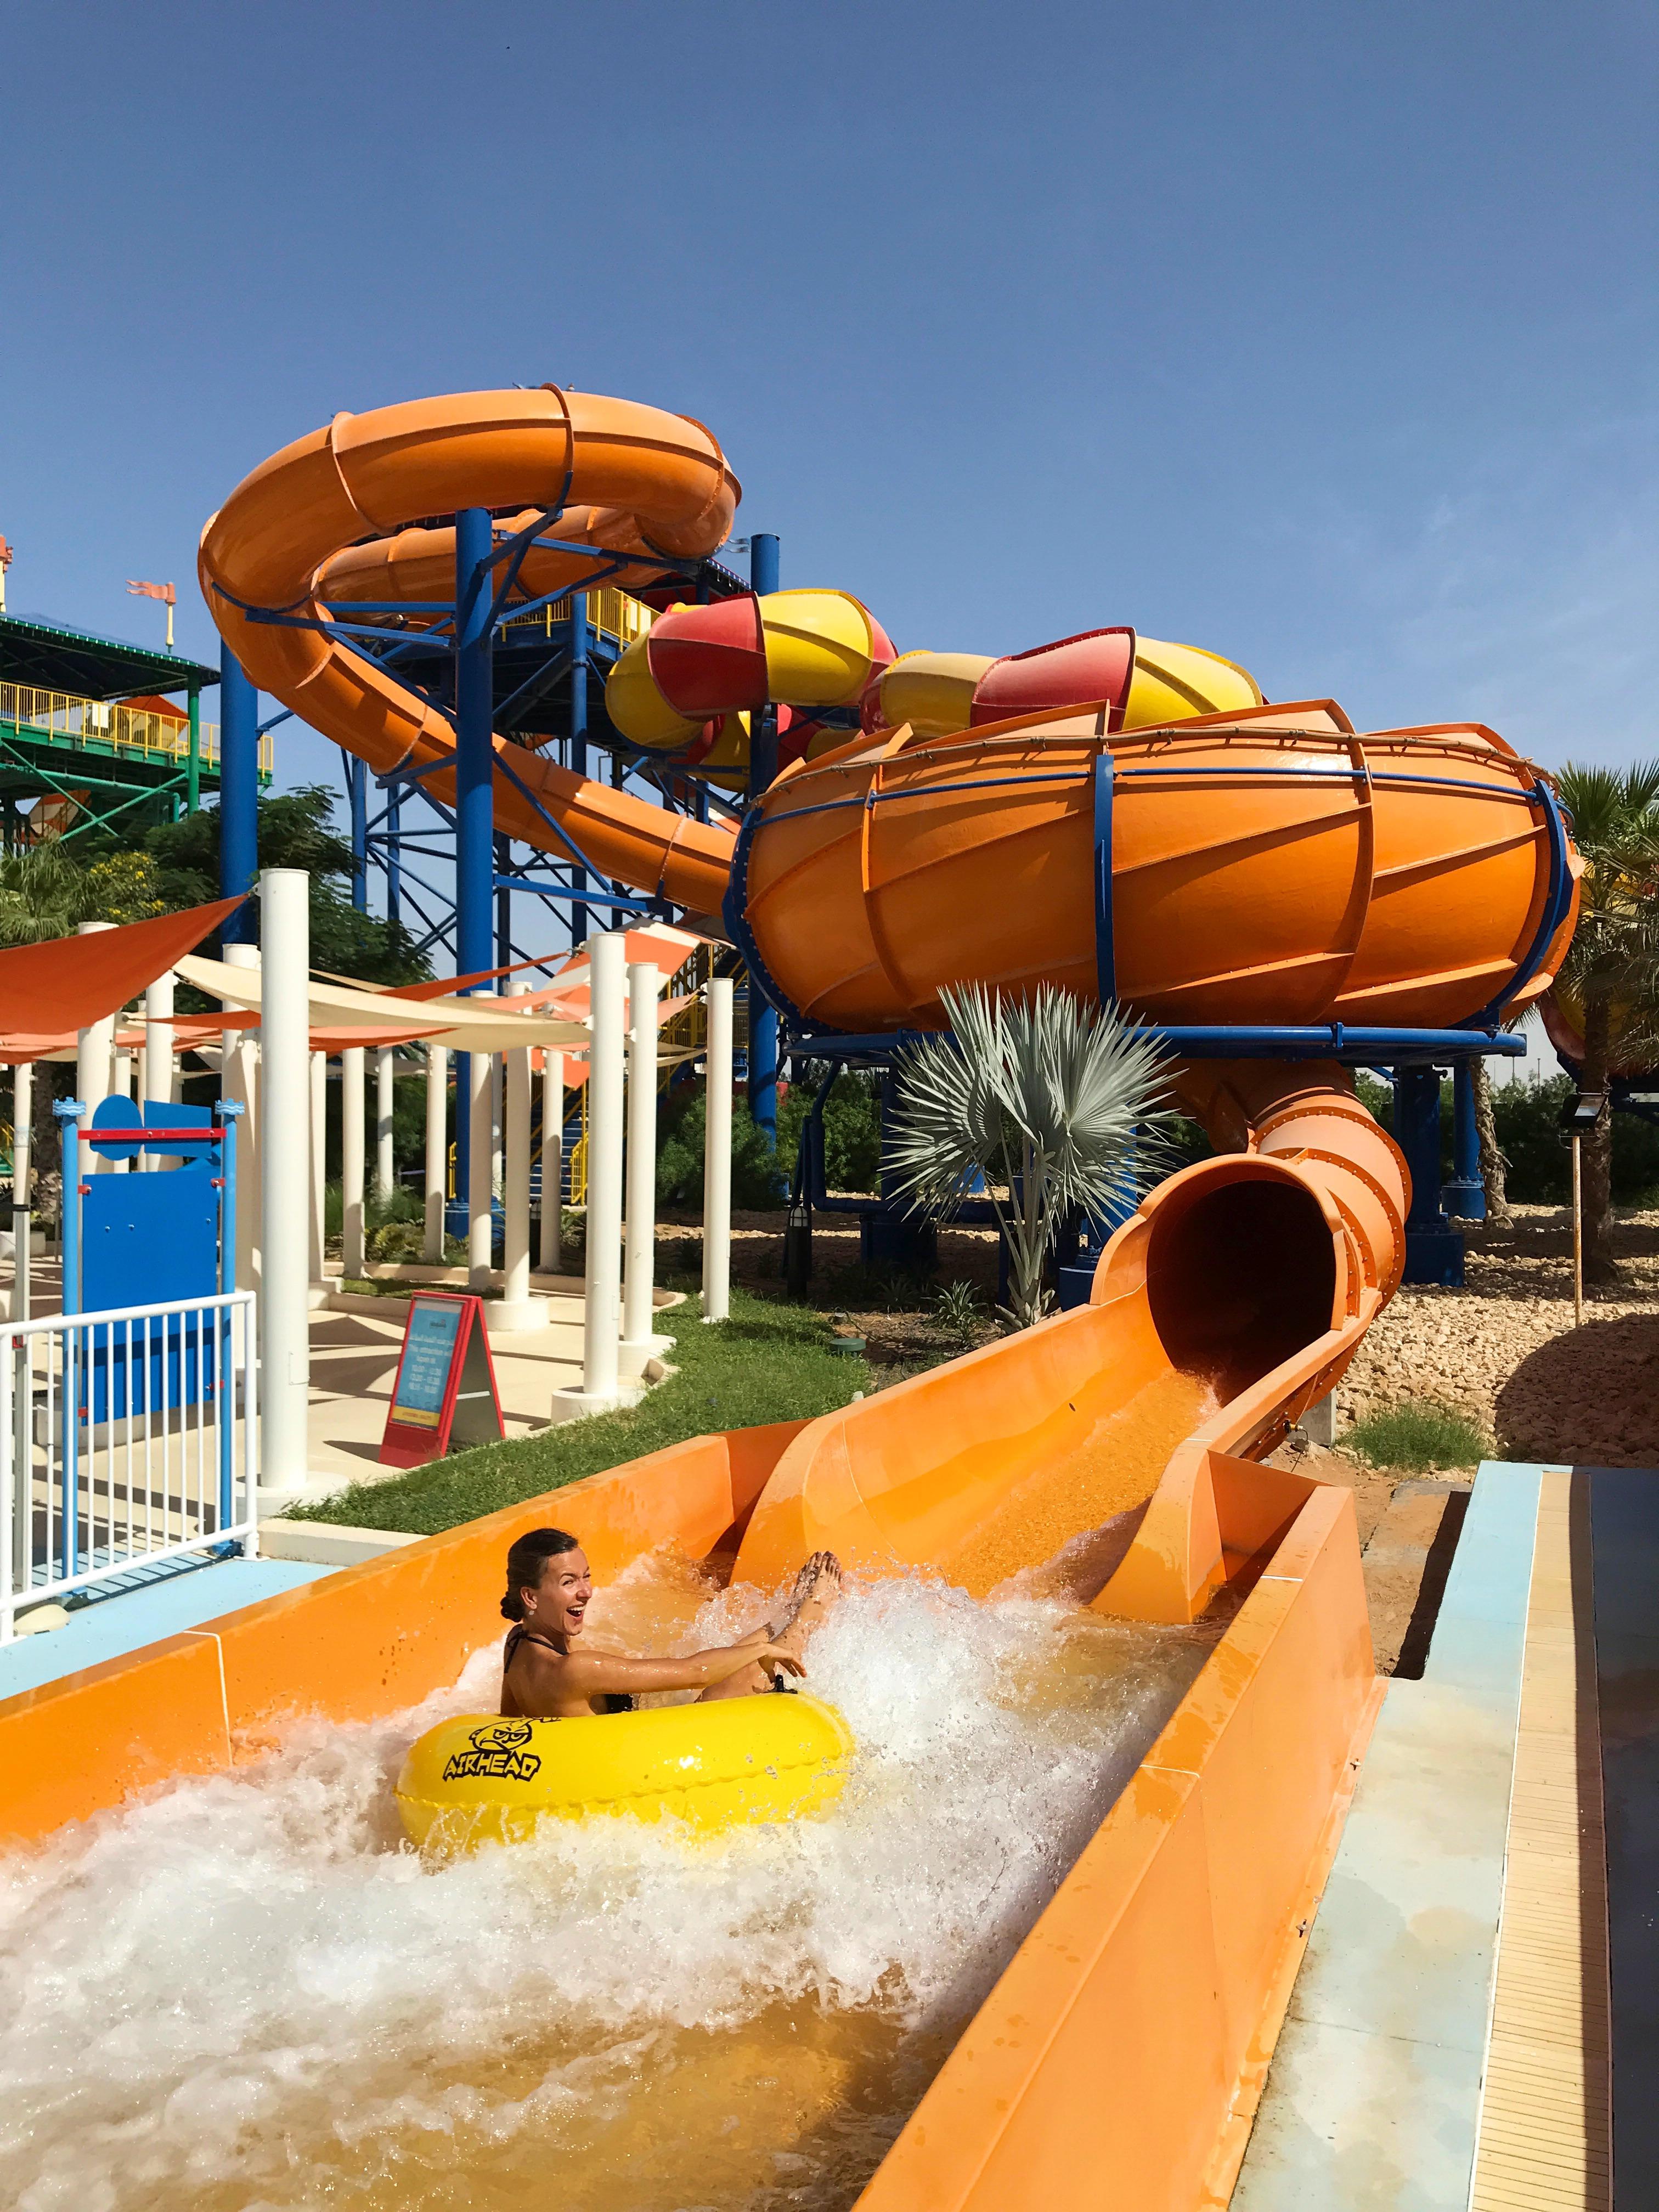 10 Reisetipps für Dubai: Eine willkommene Abkühlung vom sonst so aufgeheiztem Dubai bietet der Lego Waterpark.